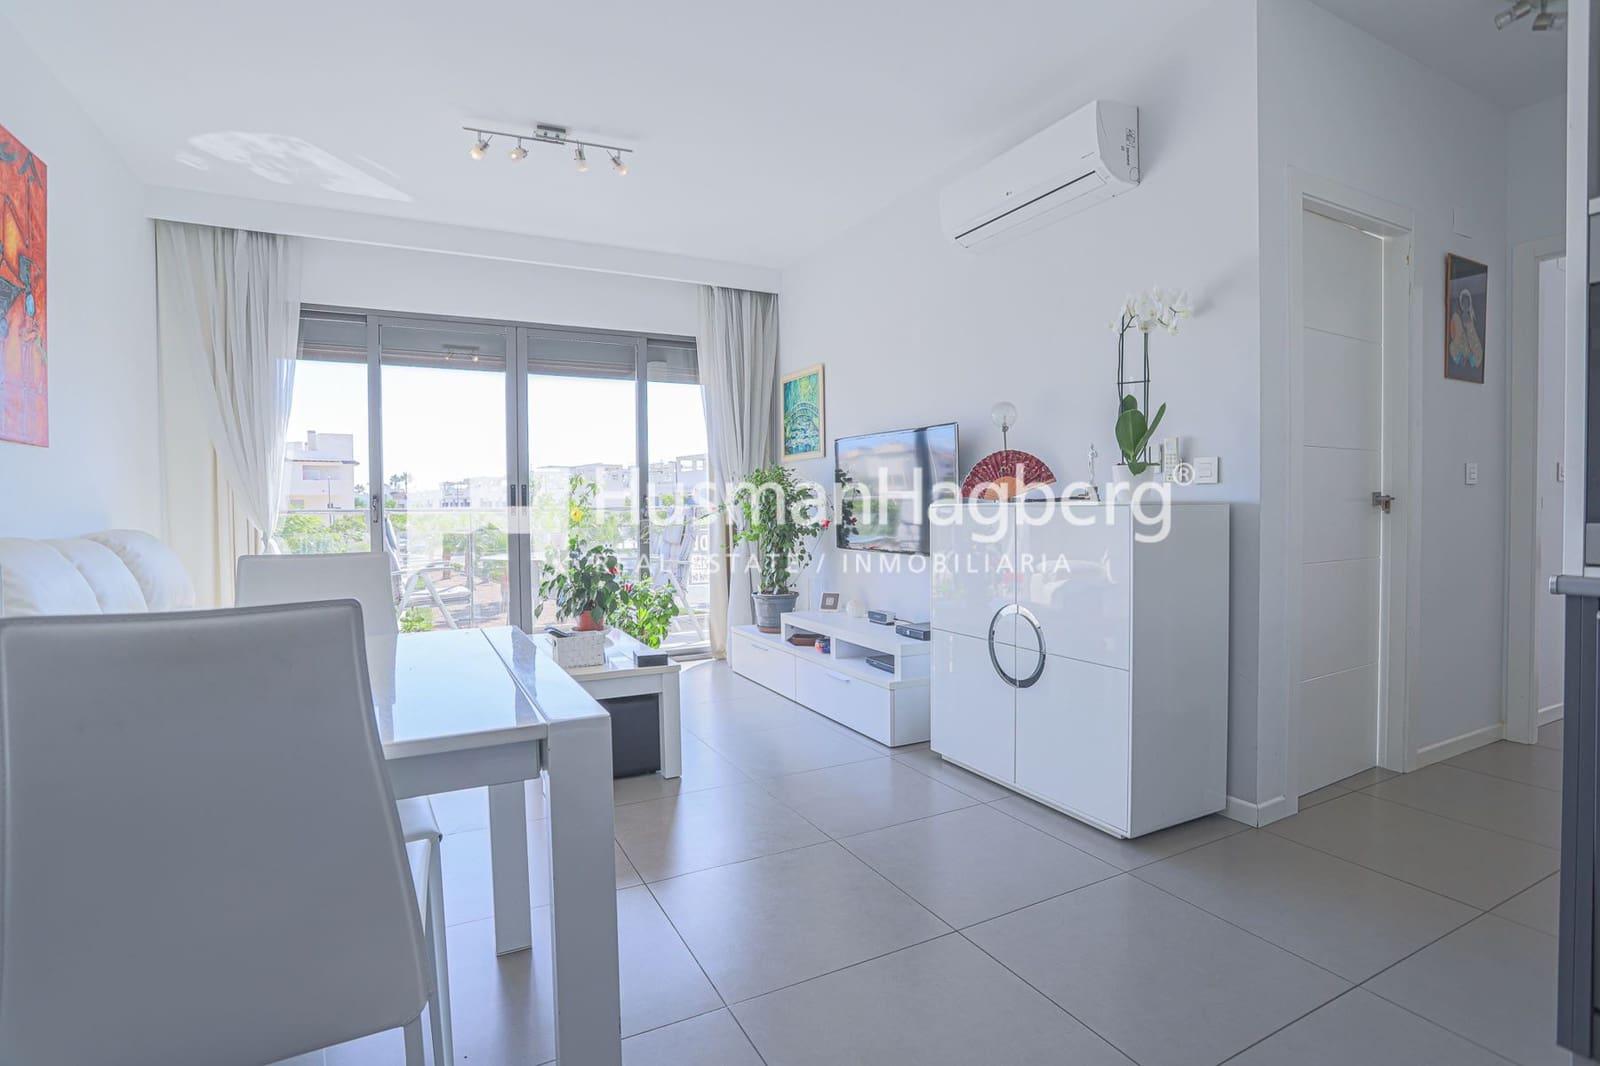 Apartamento de 2 habitaciones en Pilar de la Horadada en venta con piscina - 193.000 € (Ref: 5018926)